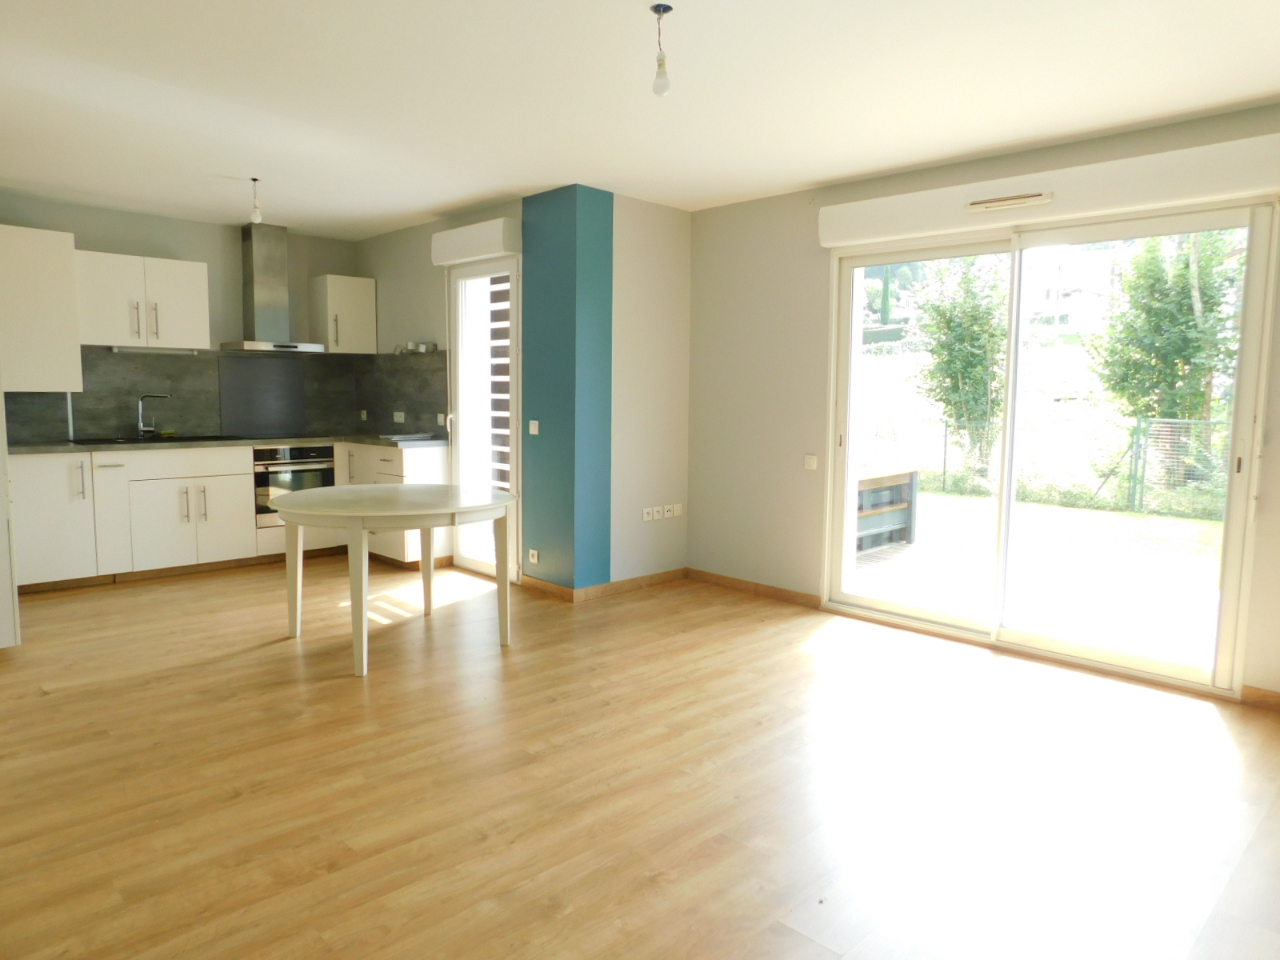 vente appartement à SAINT PEE SUR NIVELLE - 250 000